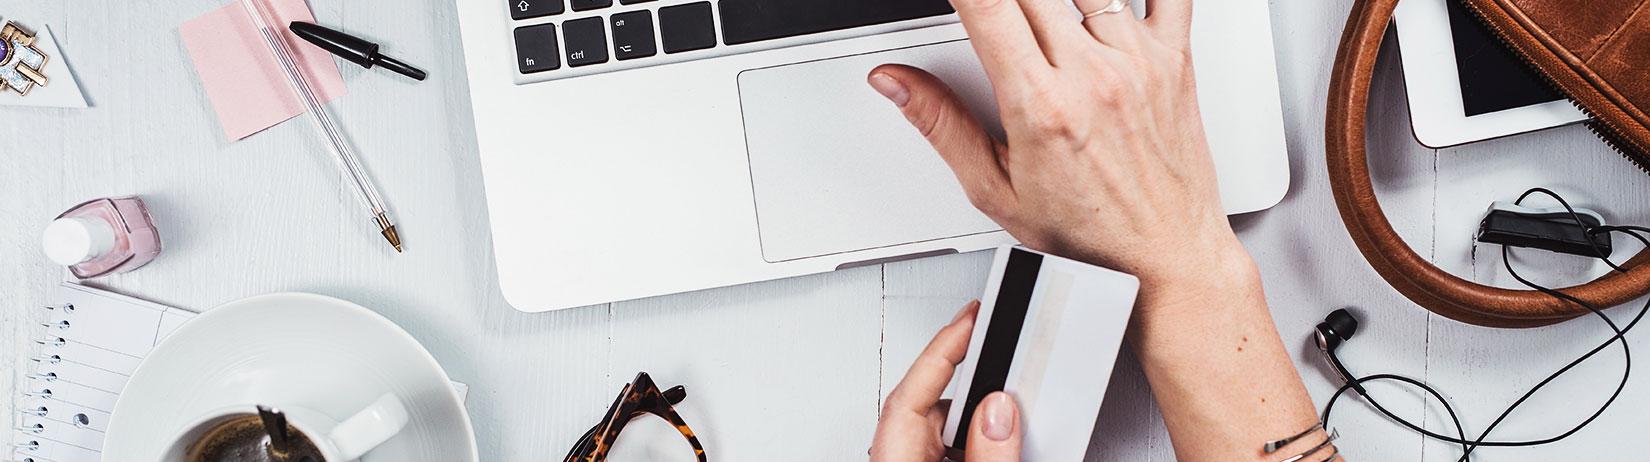 Phishing - laptop